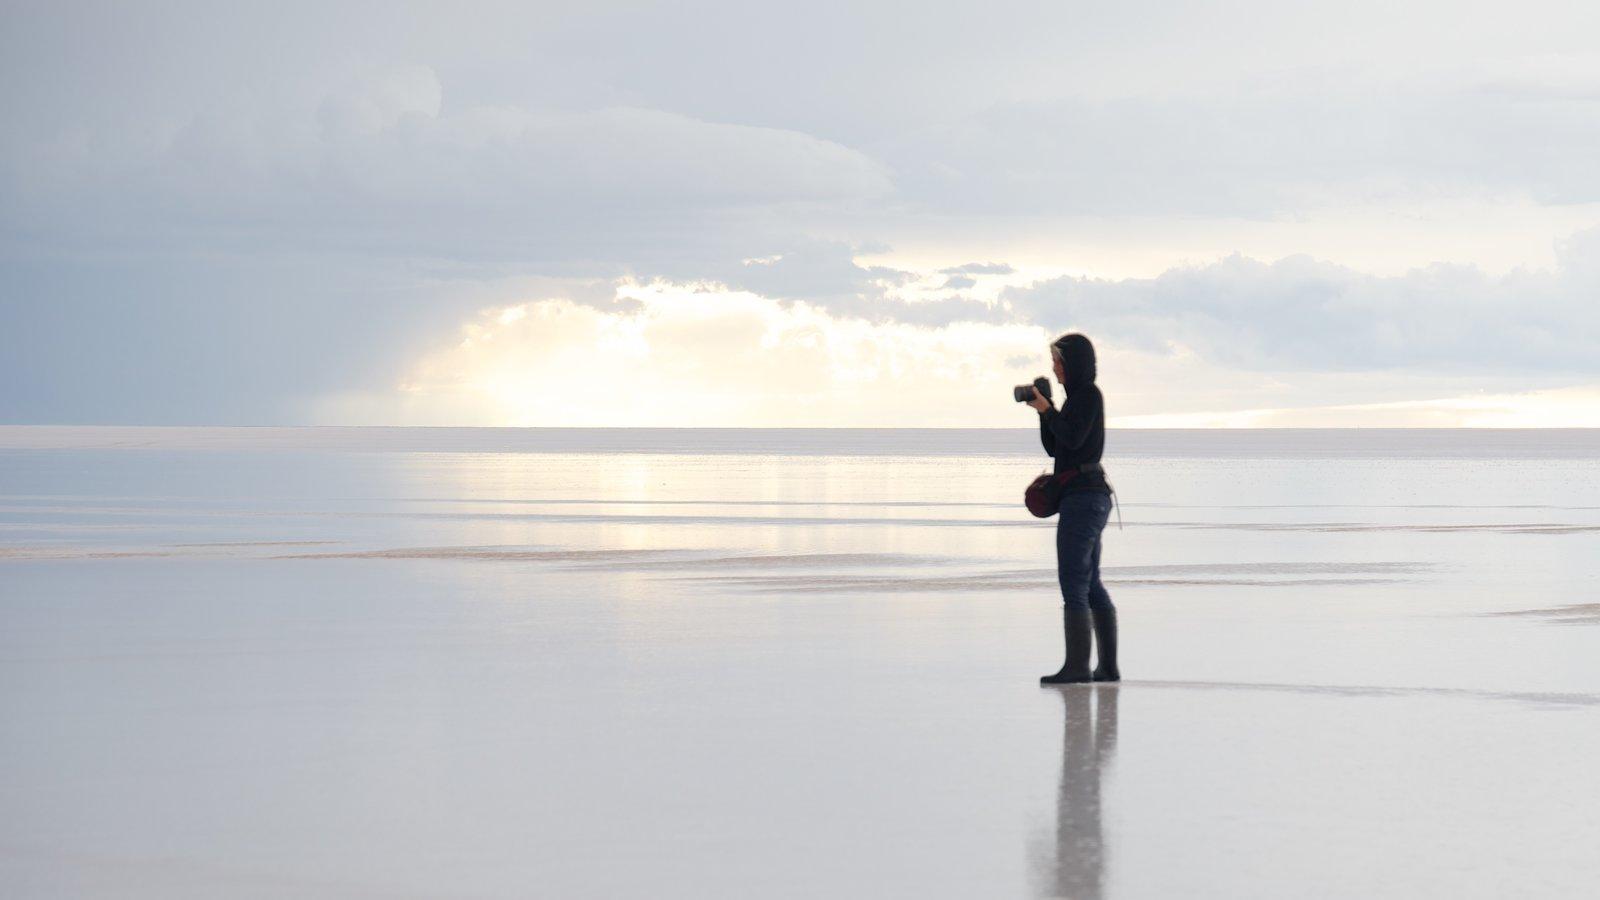 Salar de Uyuni que inclui paisagem e cenas tranquilas assim como uma mulher sozinha